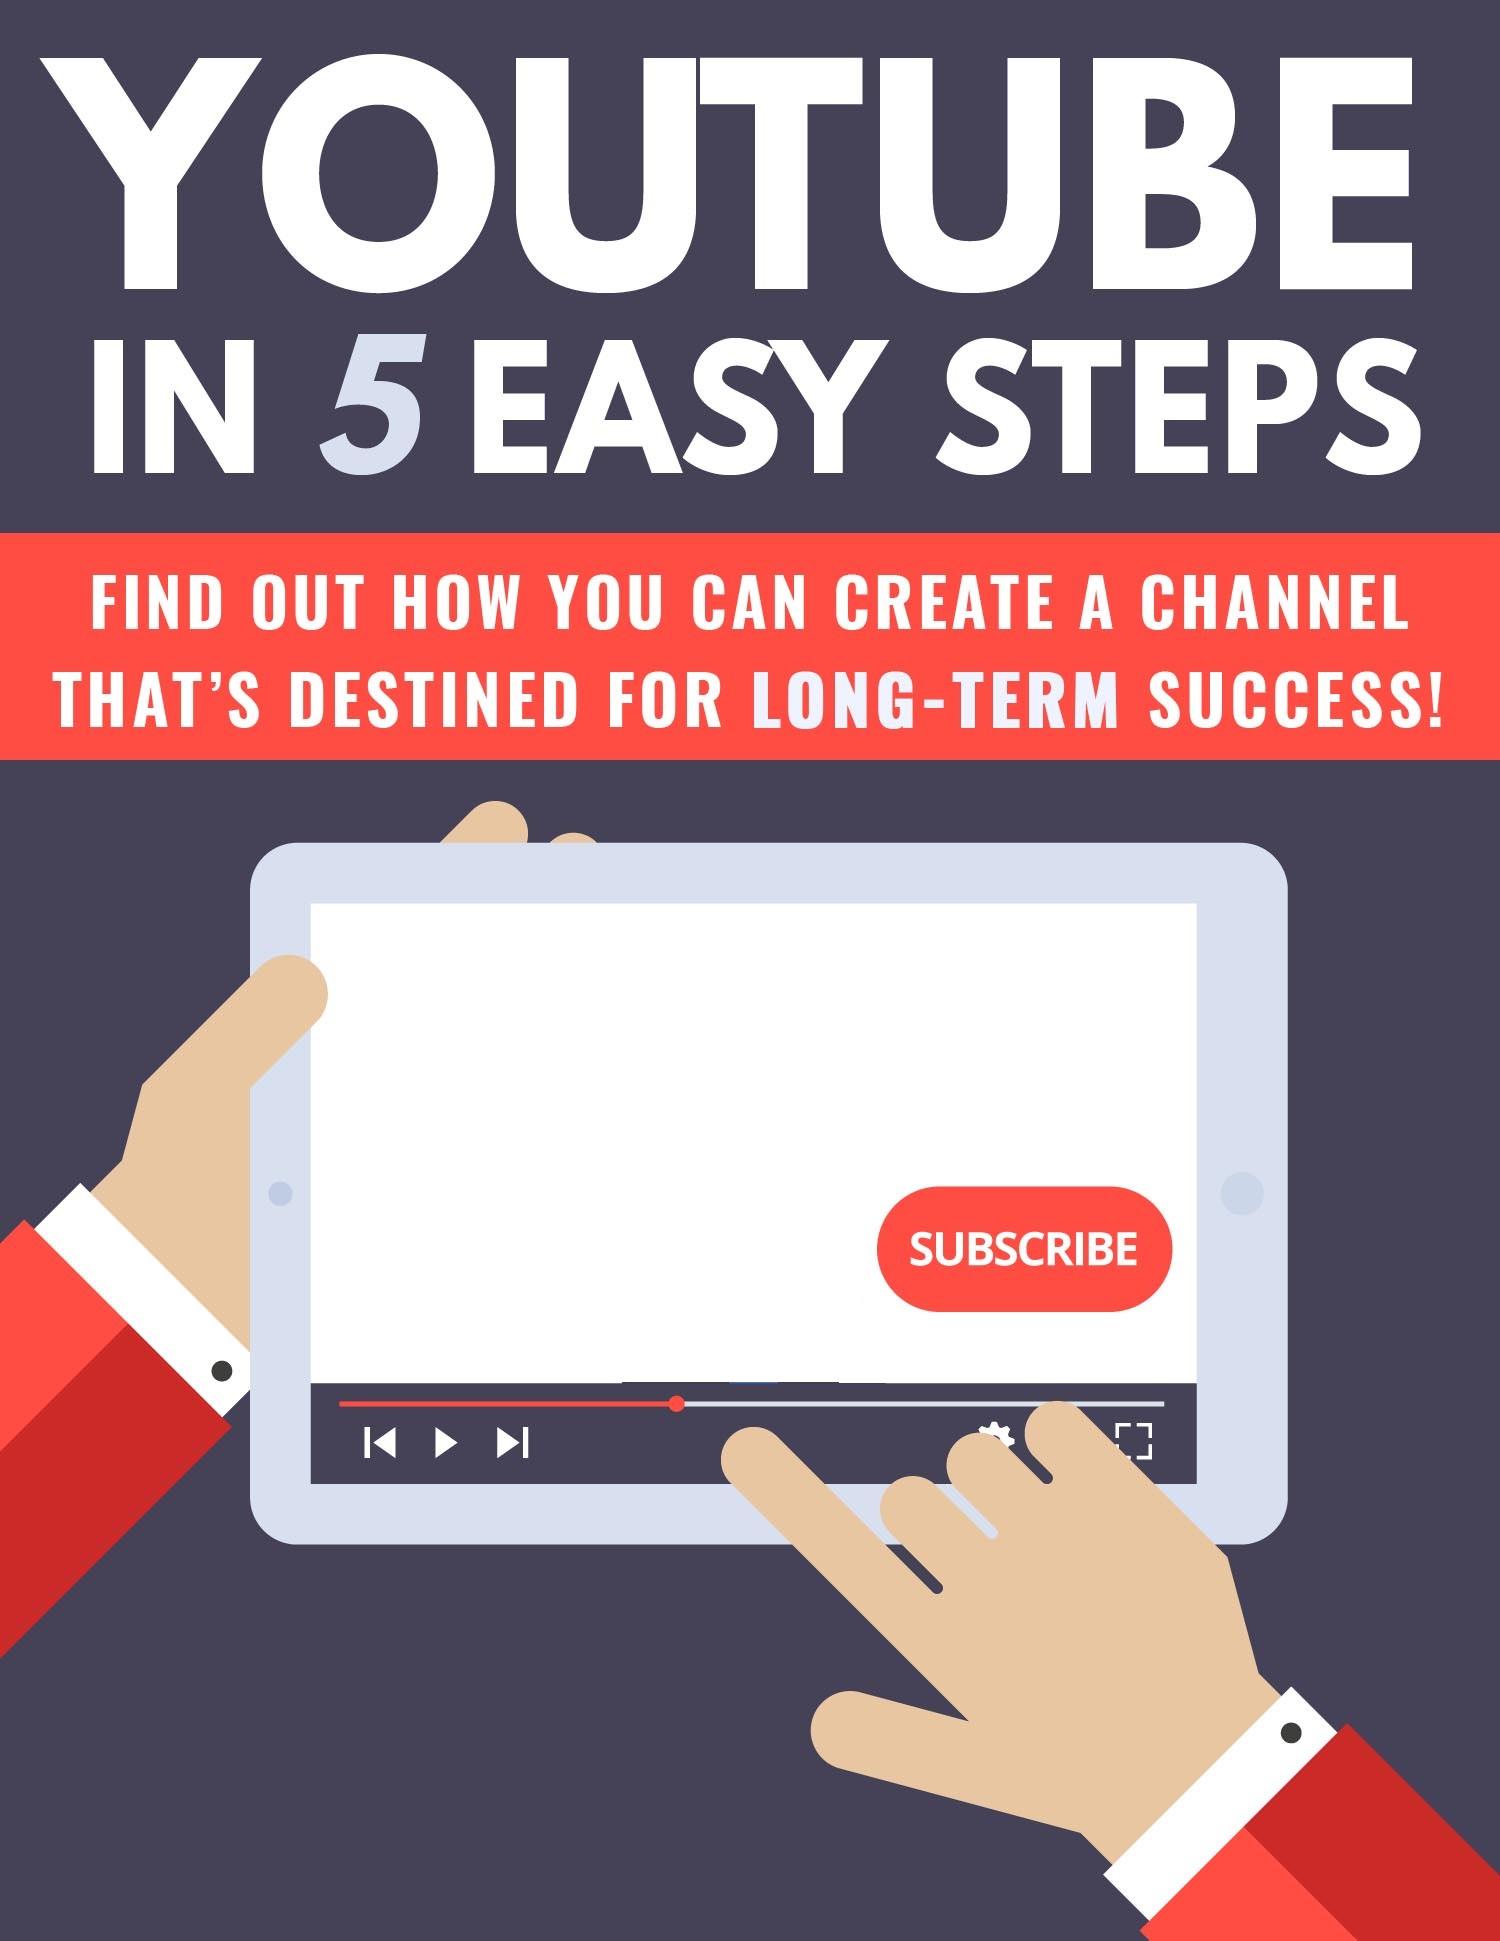 youtube quickstart guide